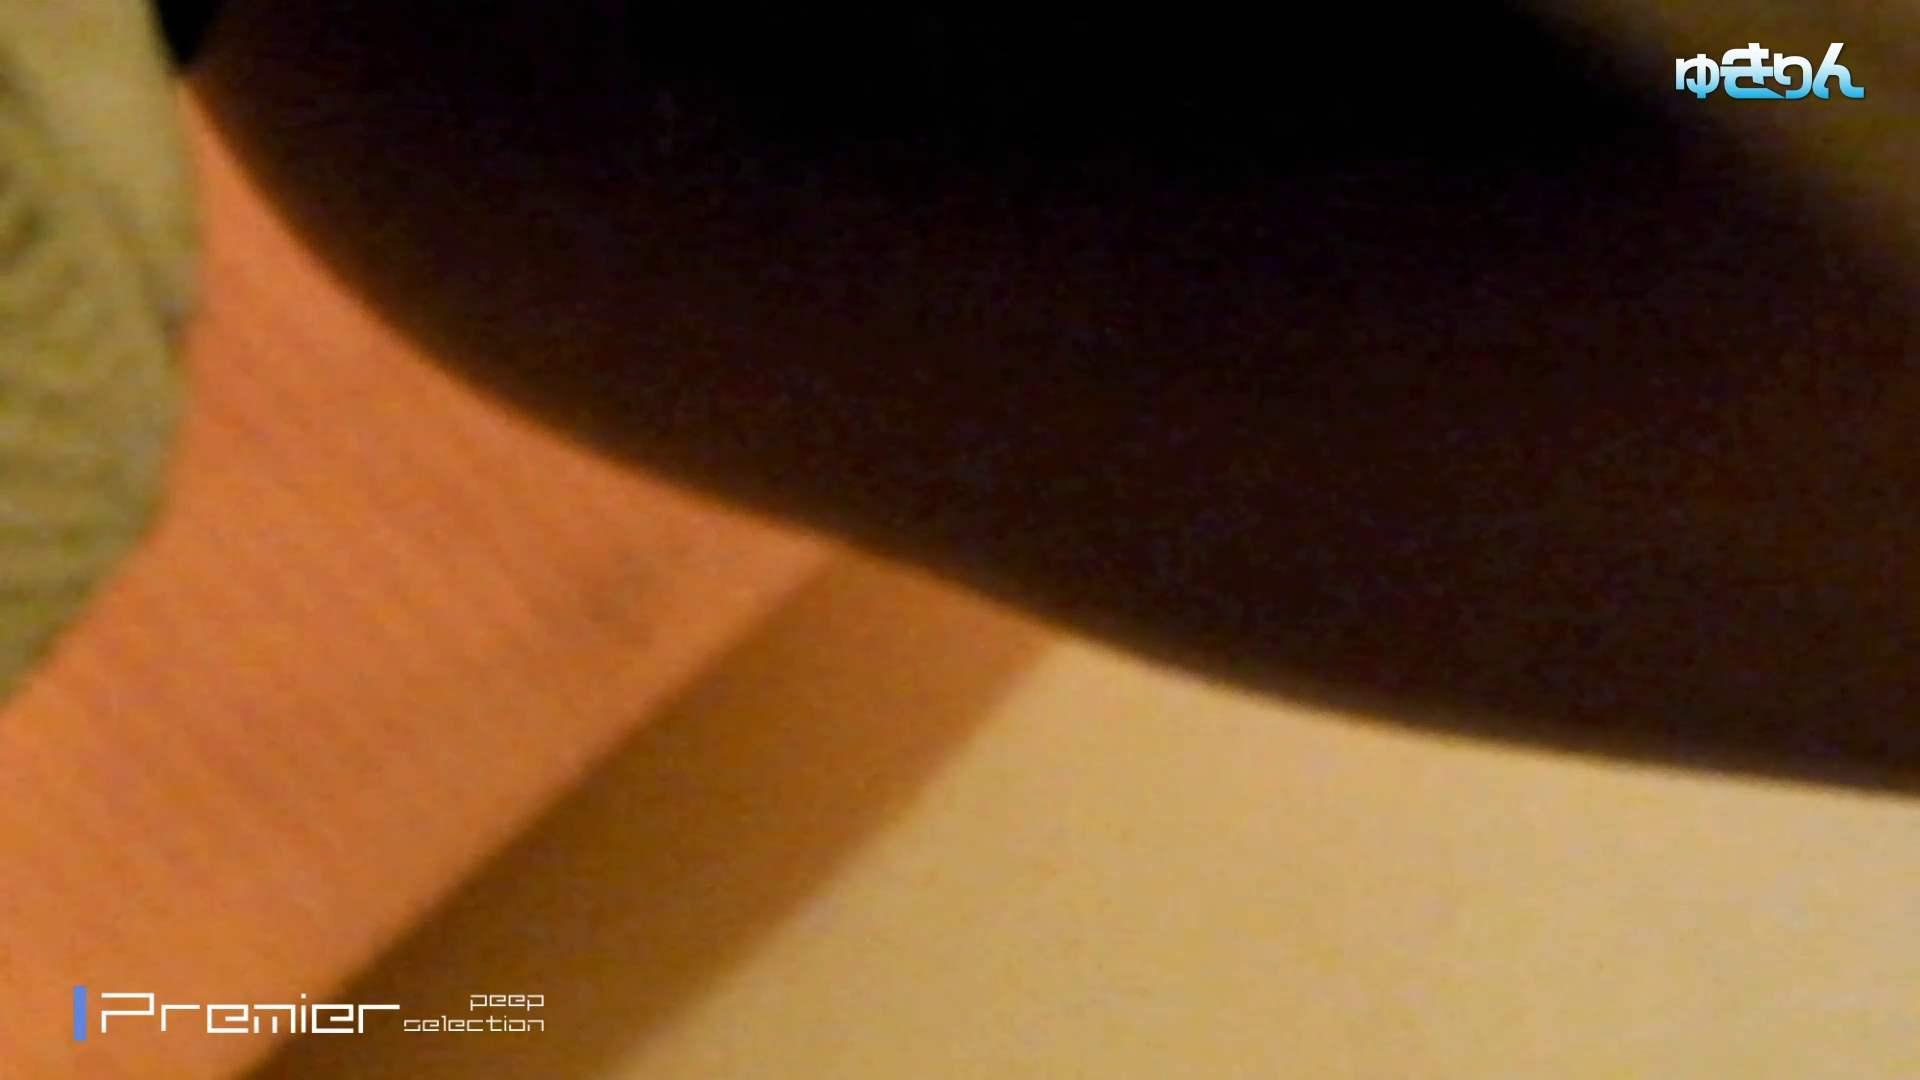 新世界の射窓 No98 キターッ特別に可愛い子の為、外まで粘着追い撮り!! 丸見え SEX無修正画像 110枚 35